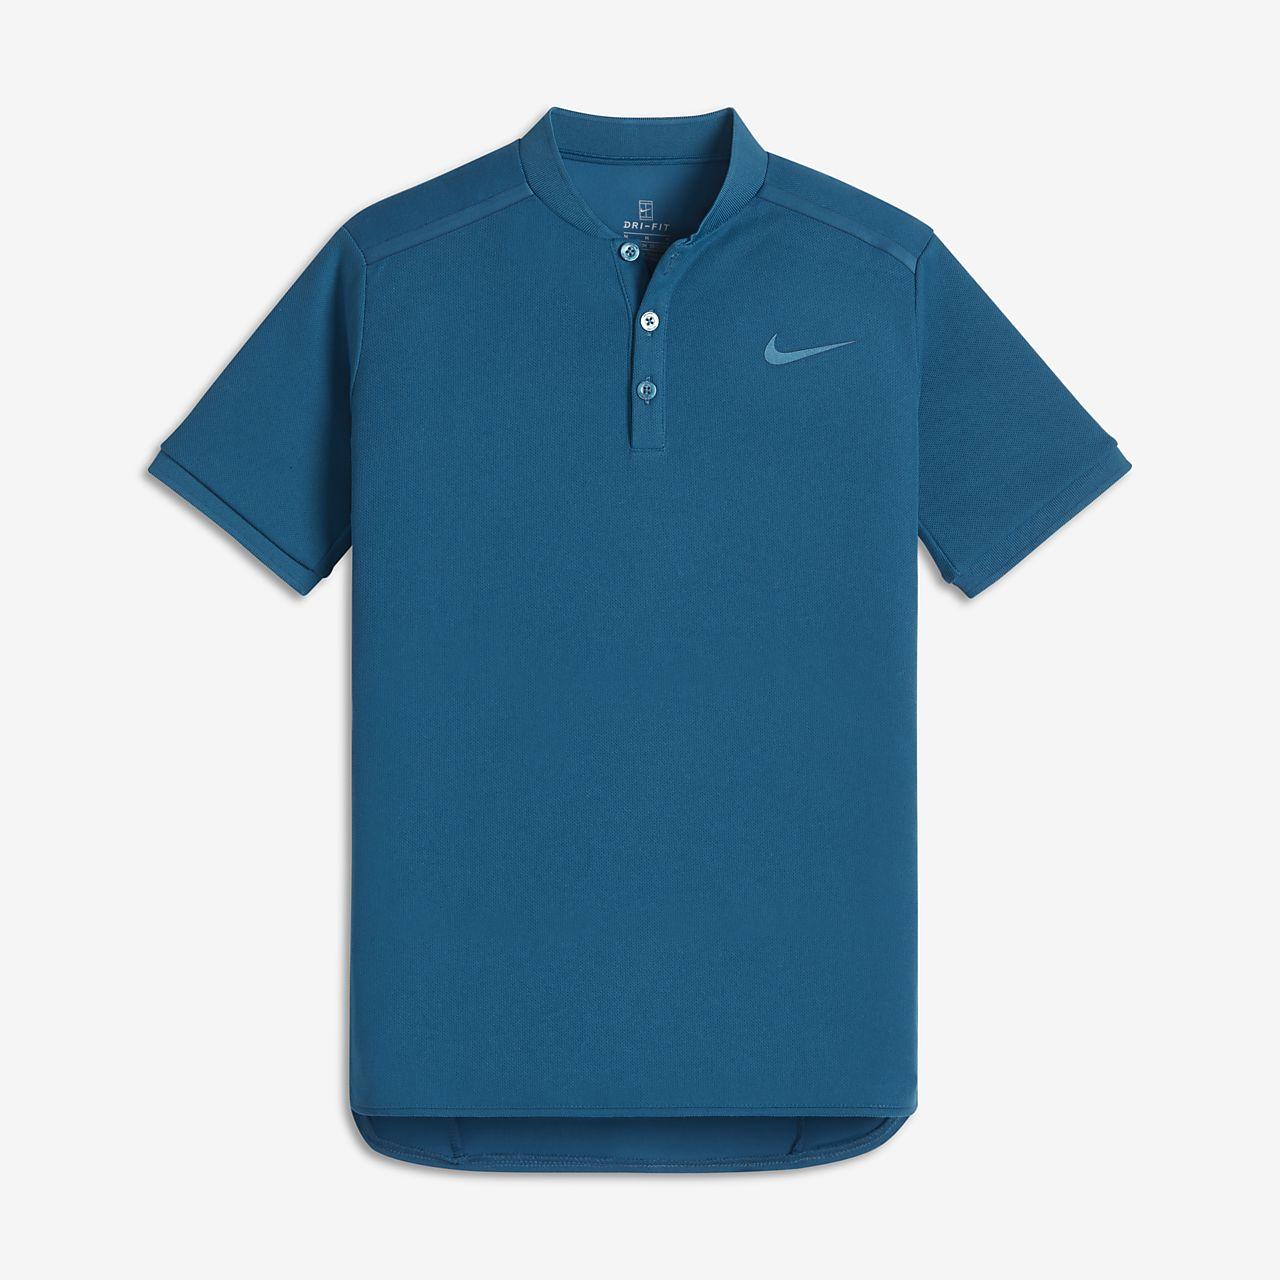 Μπλούζα πόλο για τένις NikeCourt για μεγάλα αγόρια